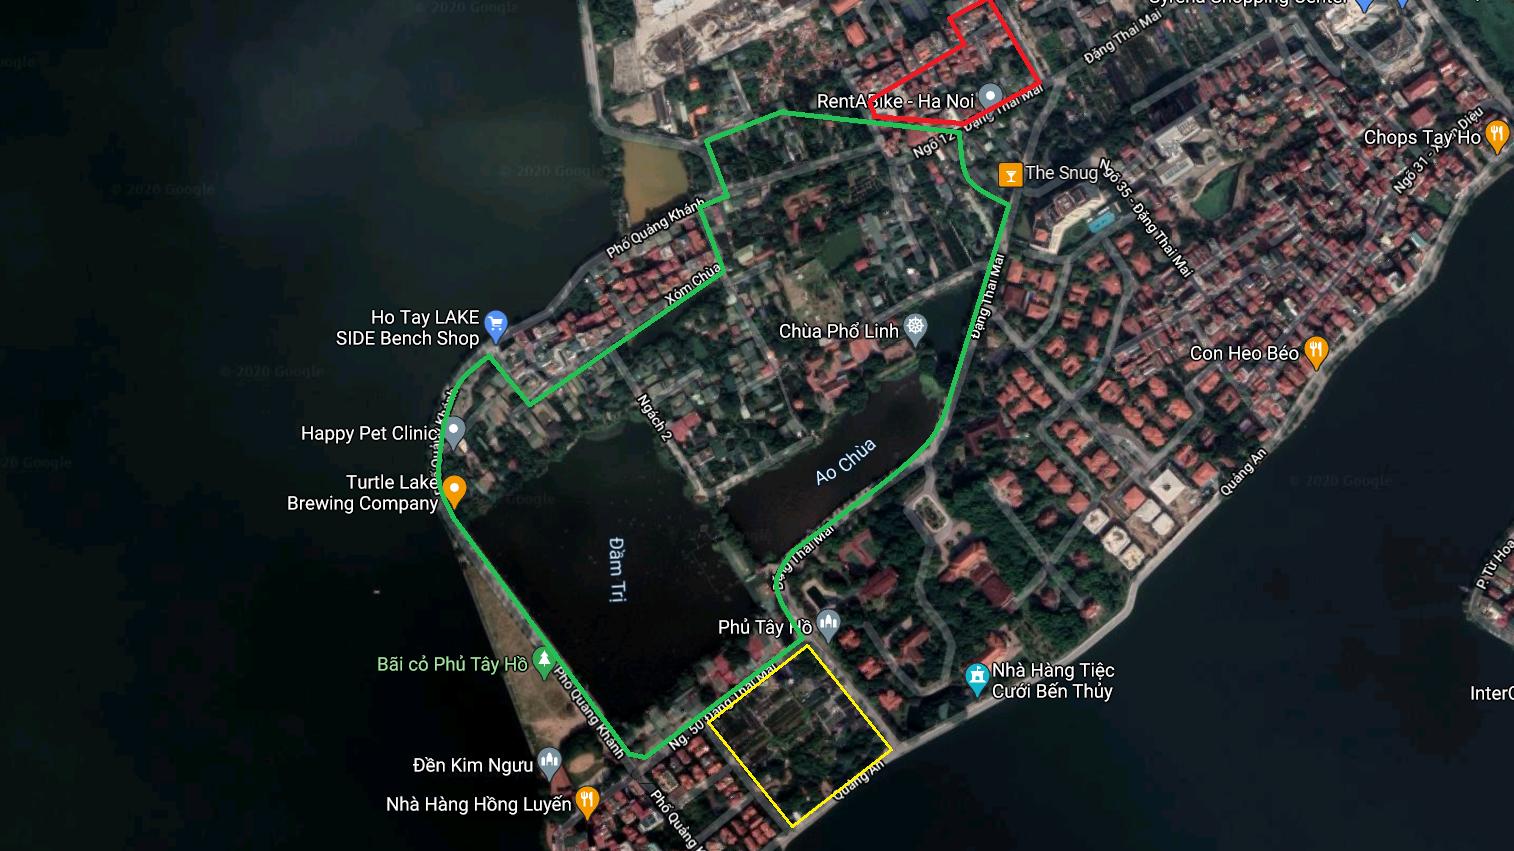 Đất dính qui hoạch ở phường Quảng An, Tây Hồ, Hà Nội - Ảnh 3.